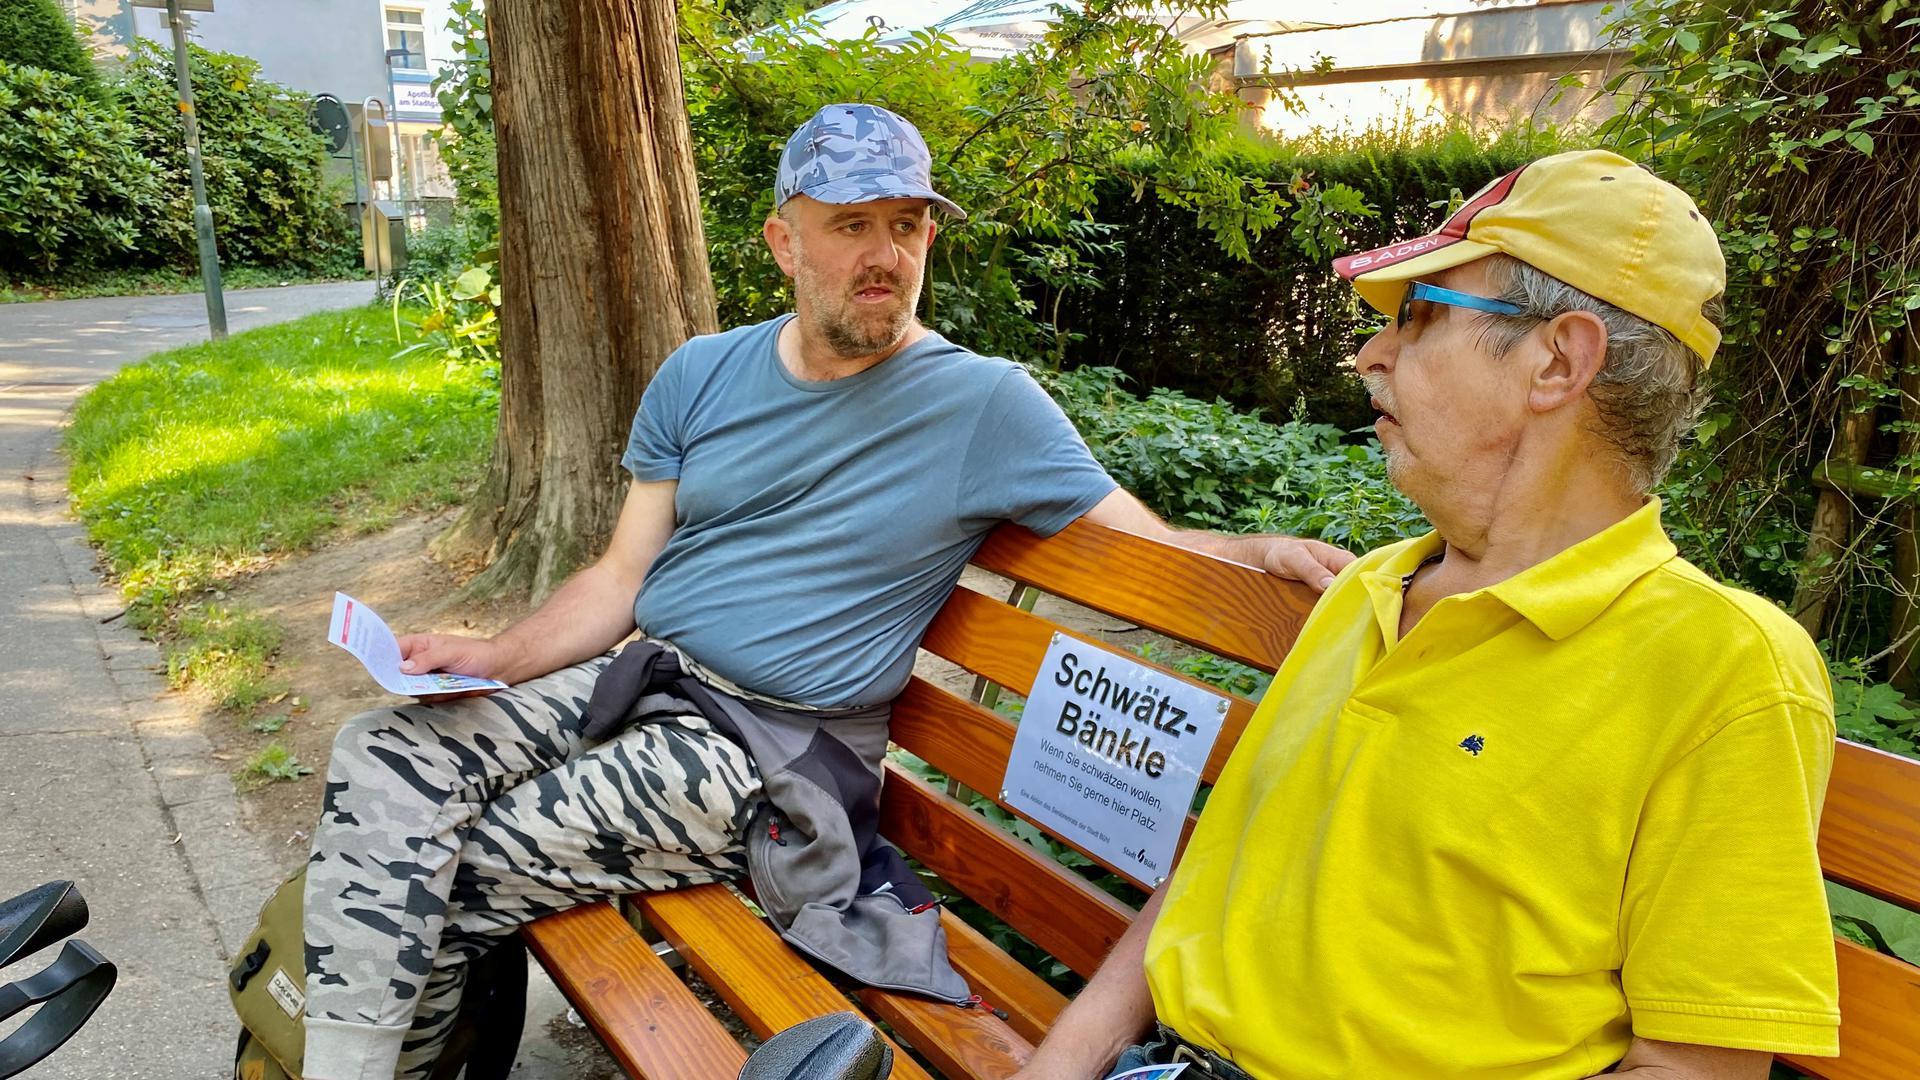 Zwei Männer sitzen auf einer Parkbank.